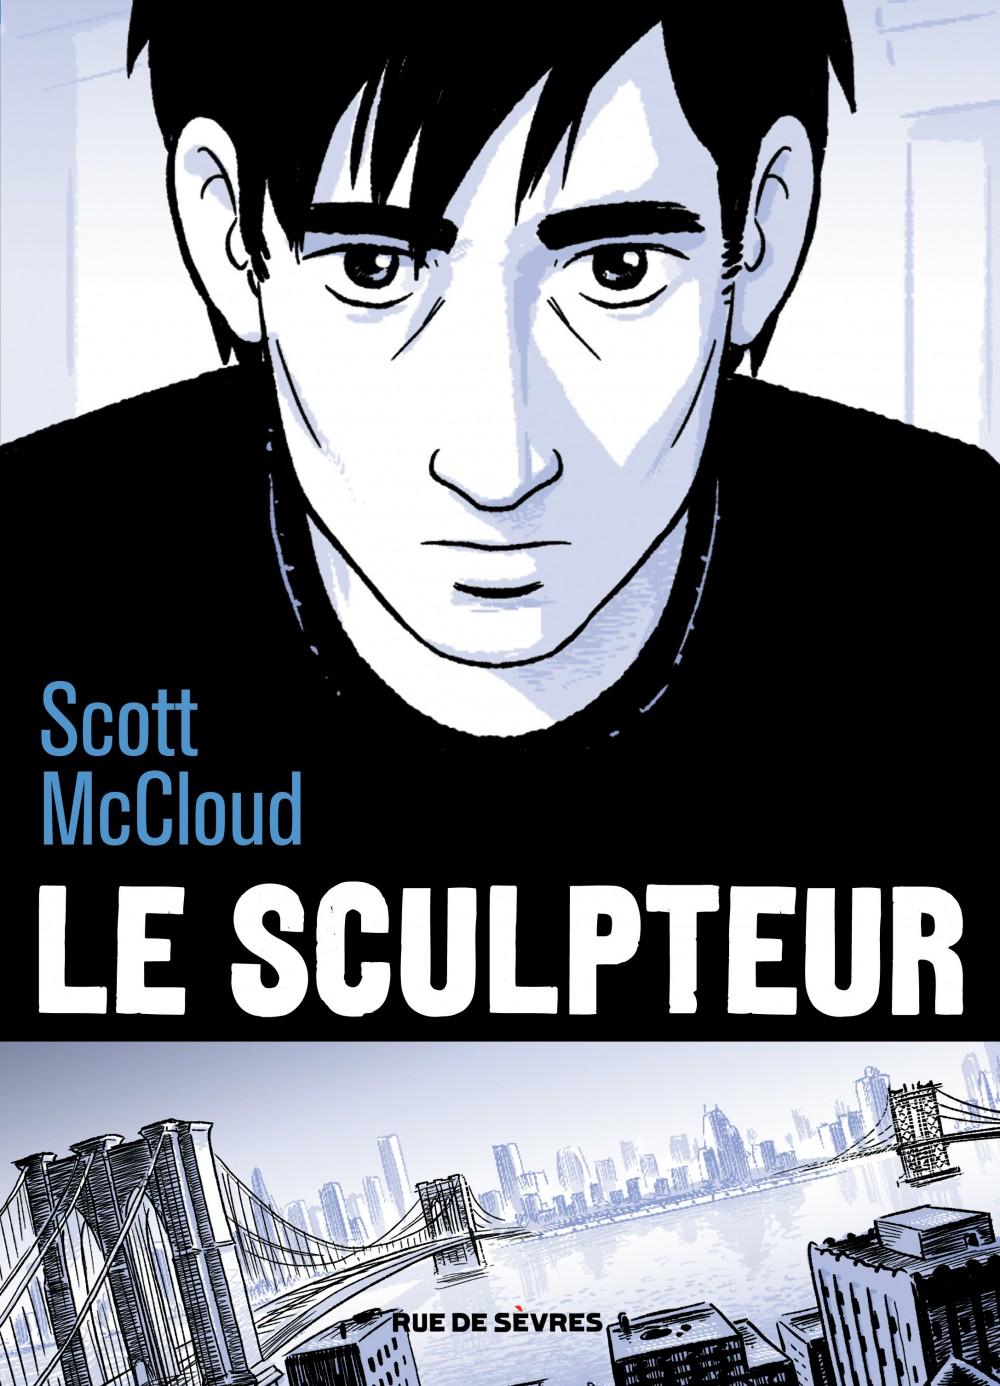 le_sculpteur_01